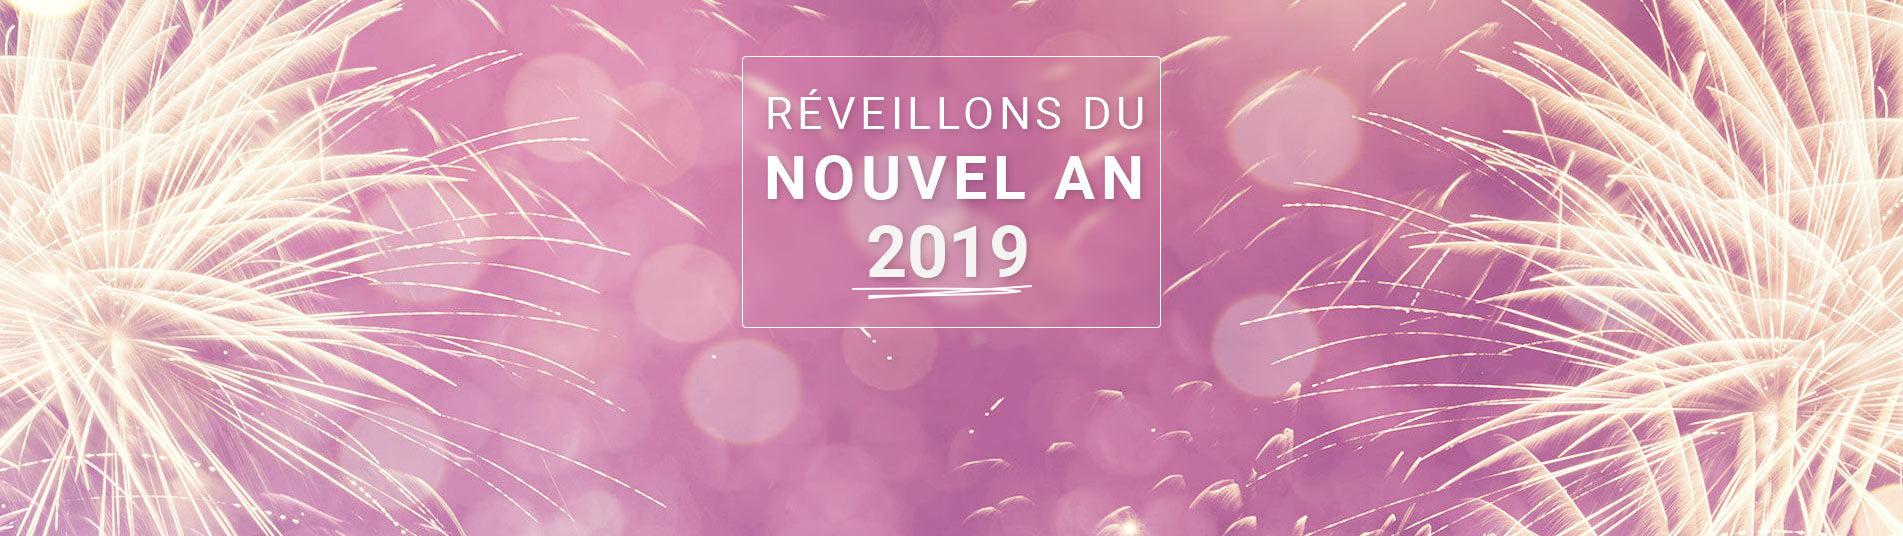 Idées week end pour le Nouvel an 2019